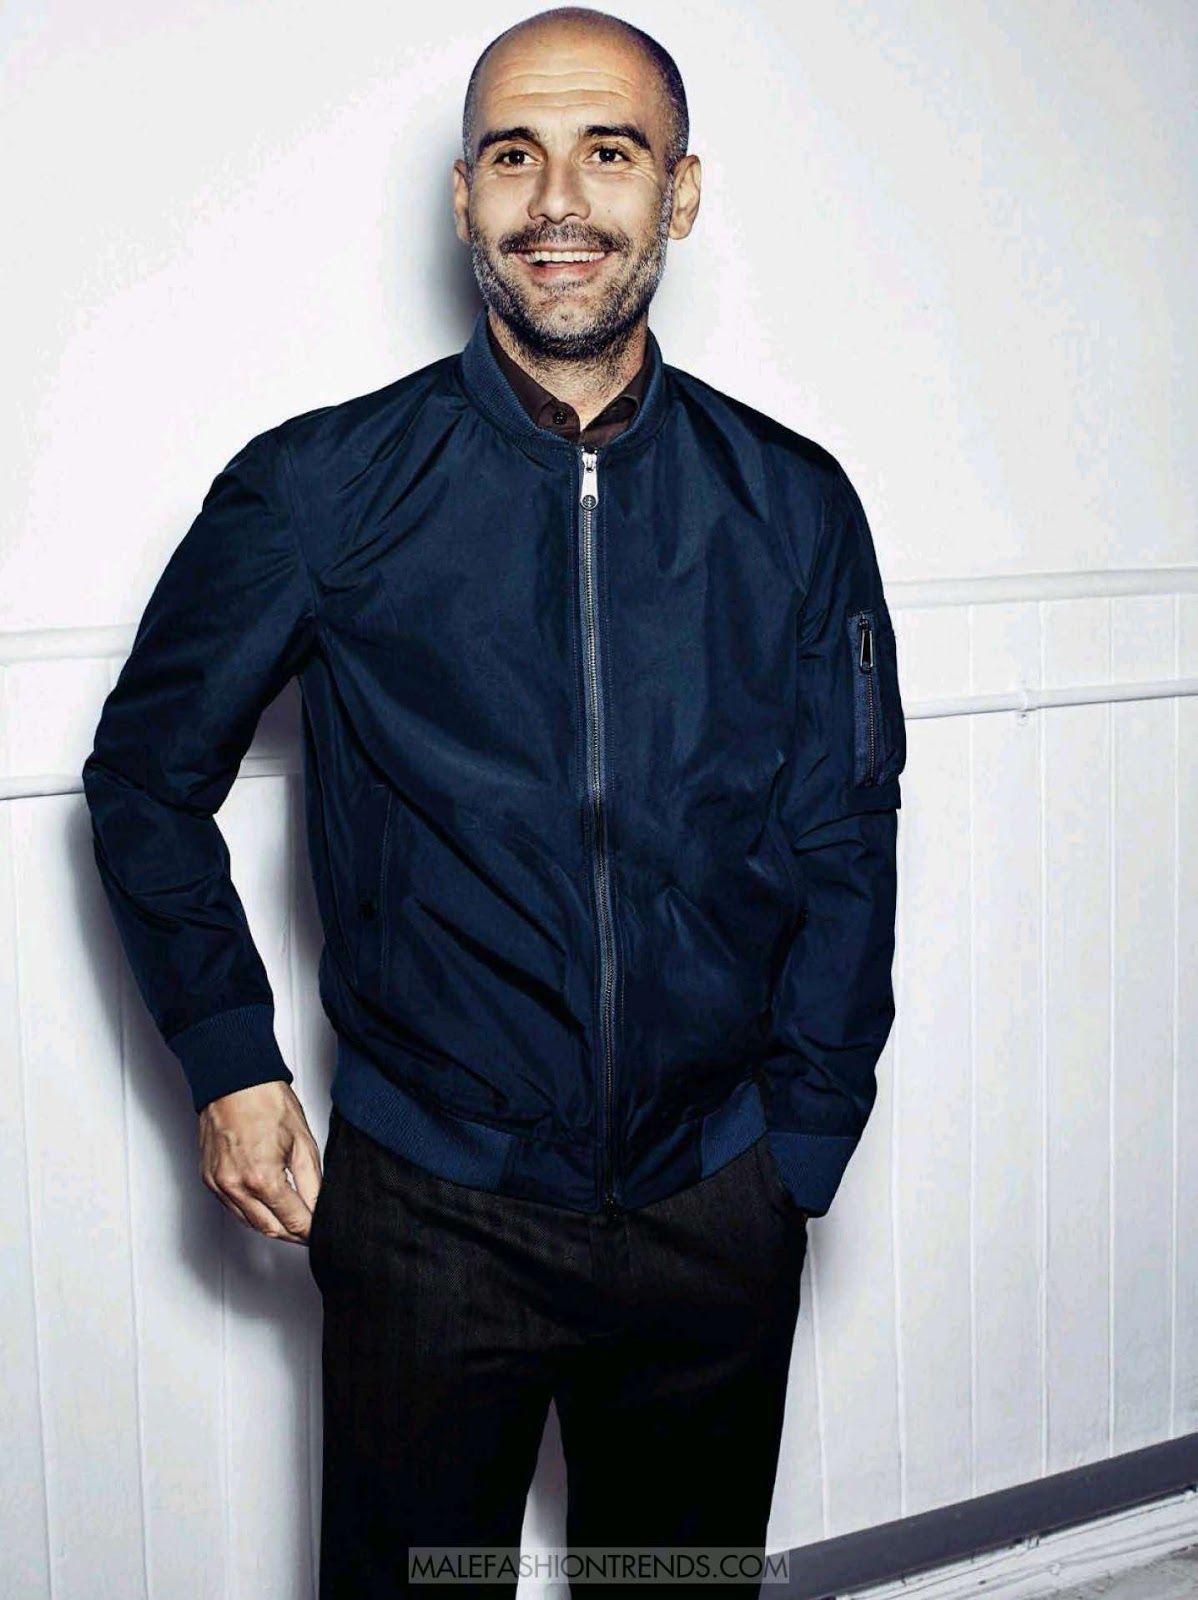 Pep Guardiola Por Sergi Pons Para Gq Espana Bald Men Style Pep Guardiola Pep Guardiola Style [ 1600 x 1198 Pixel ]